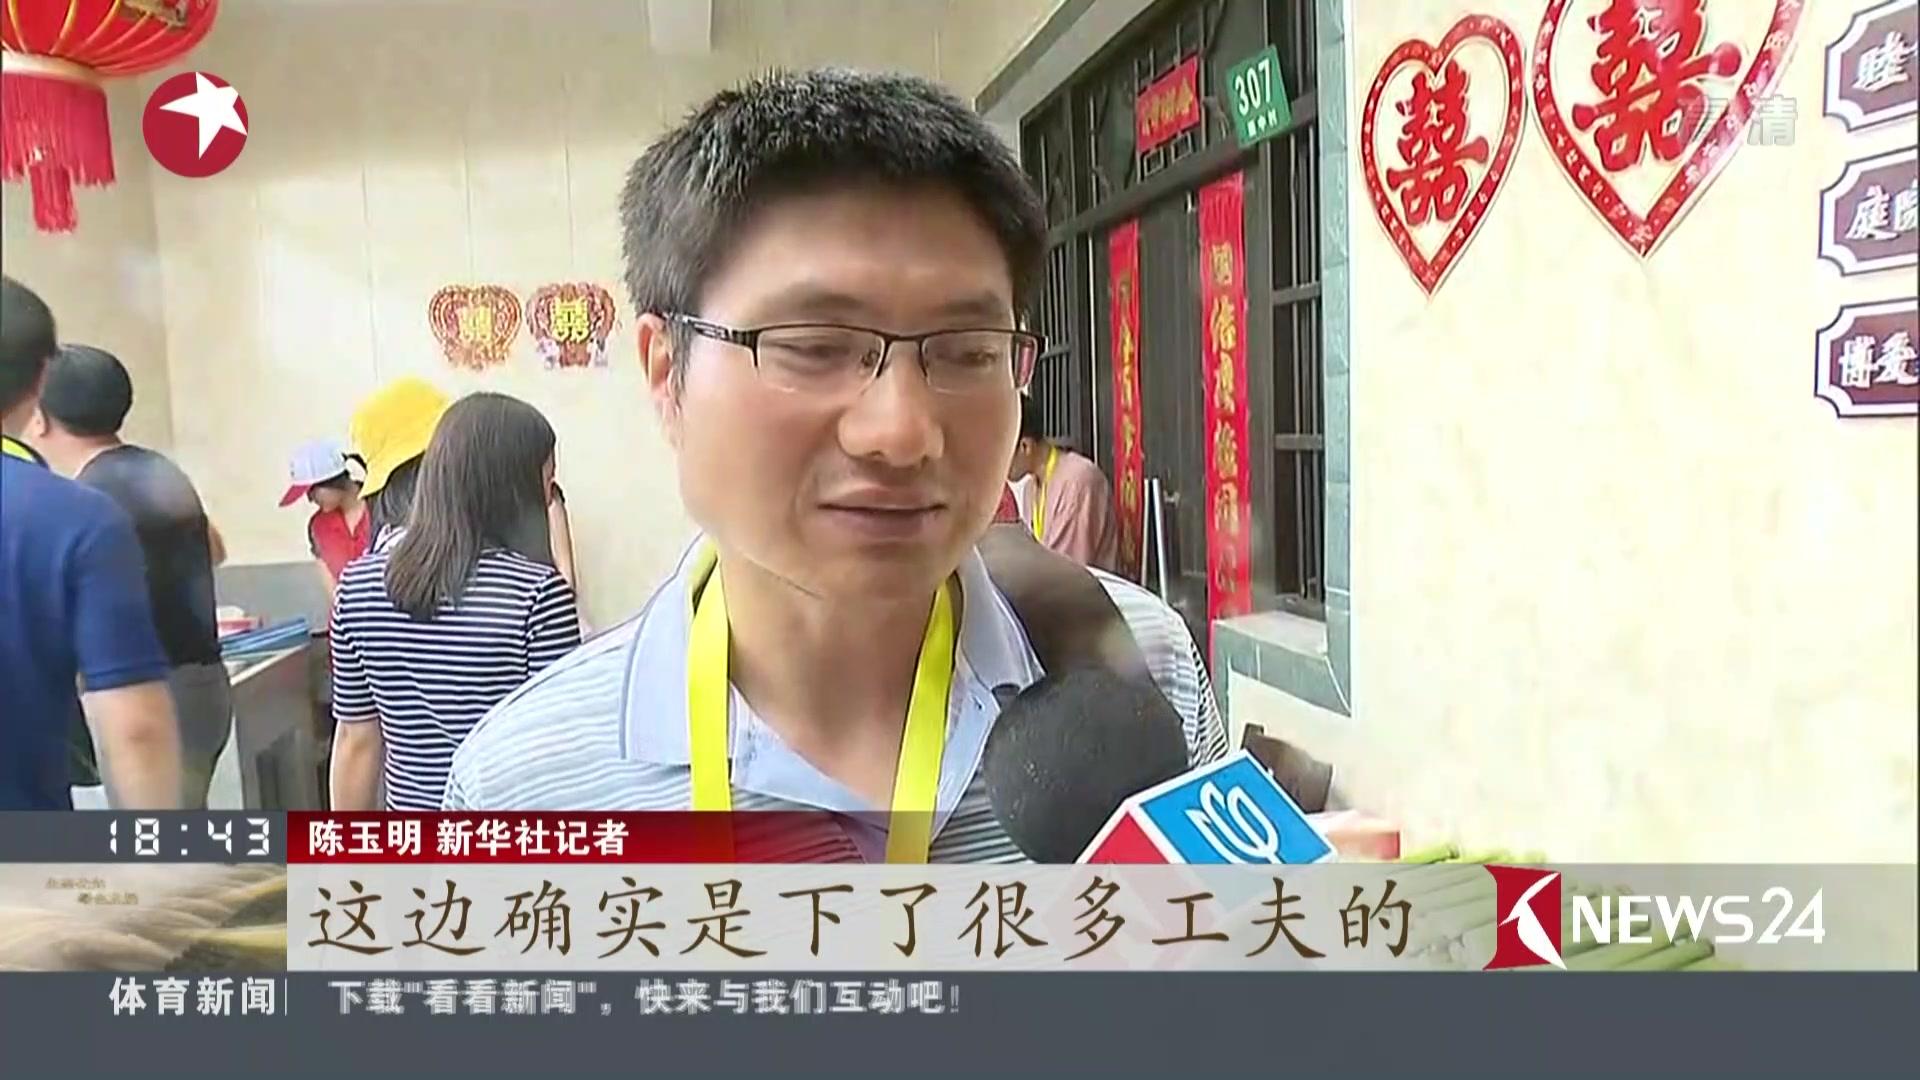 上海崇明:探索生态治理  振兴美丽乡村